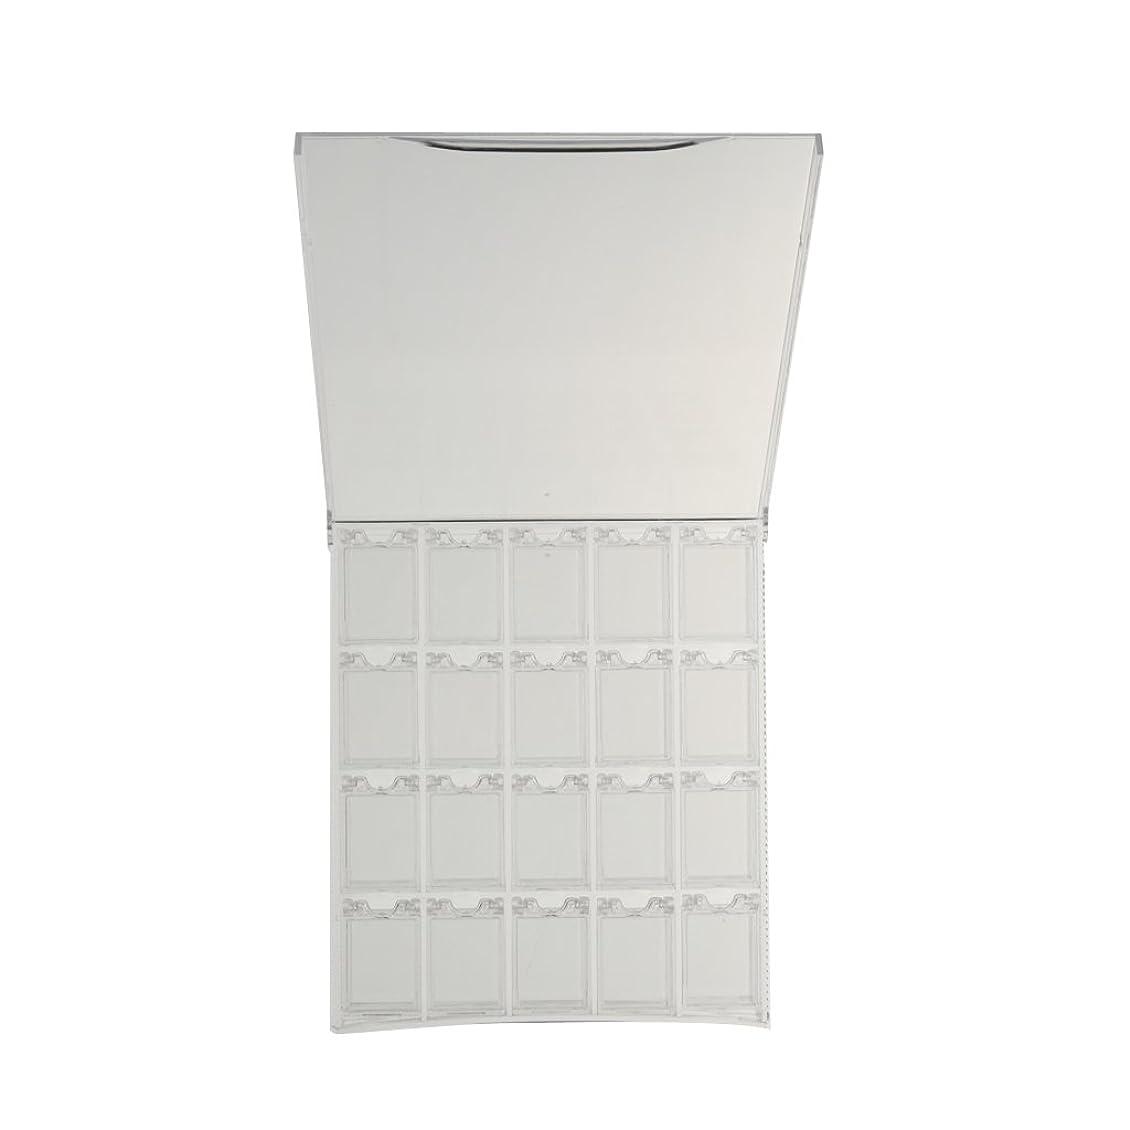 なめらか系統的立ち寄るCUTICATE 空のプラスチック製のネイルアートケースグリッターパウダーディスプレイボックス容器ホルダーケース